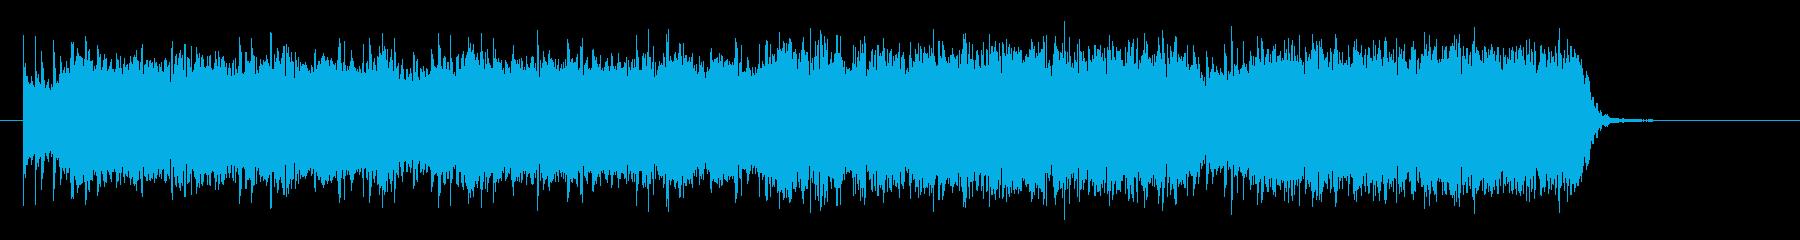 パンクロックでキャッチーなエレキジングルの再生済みの波形